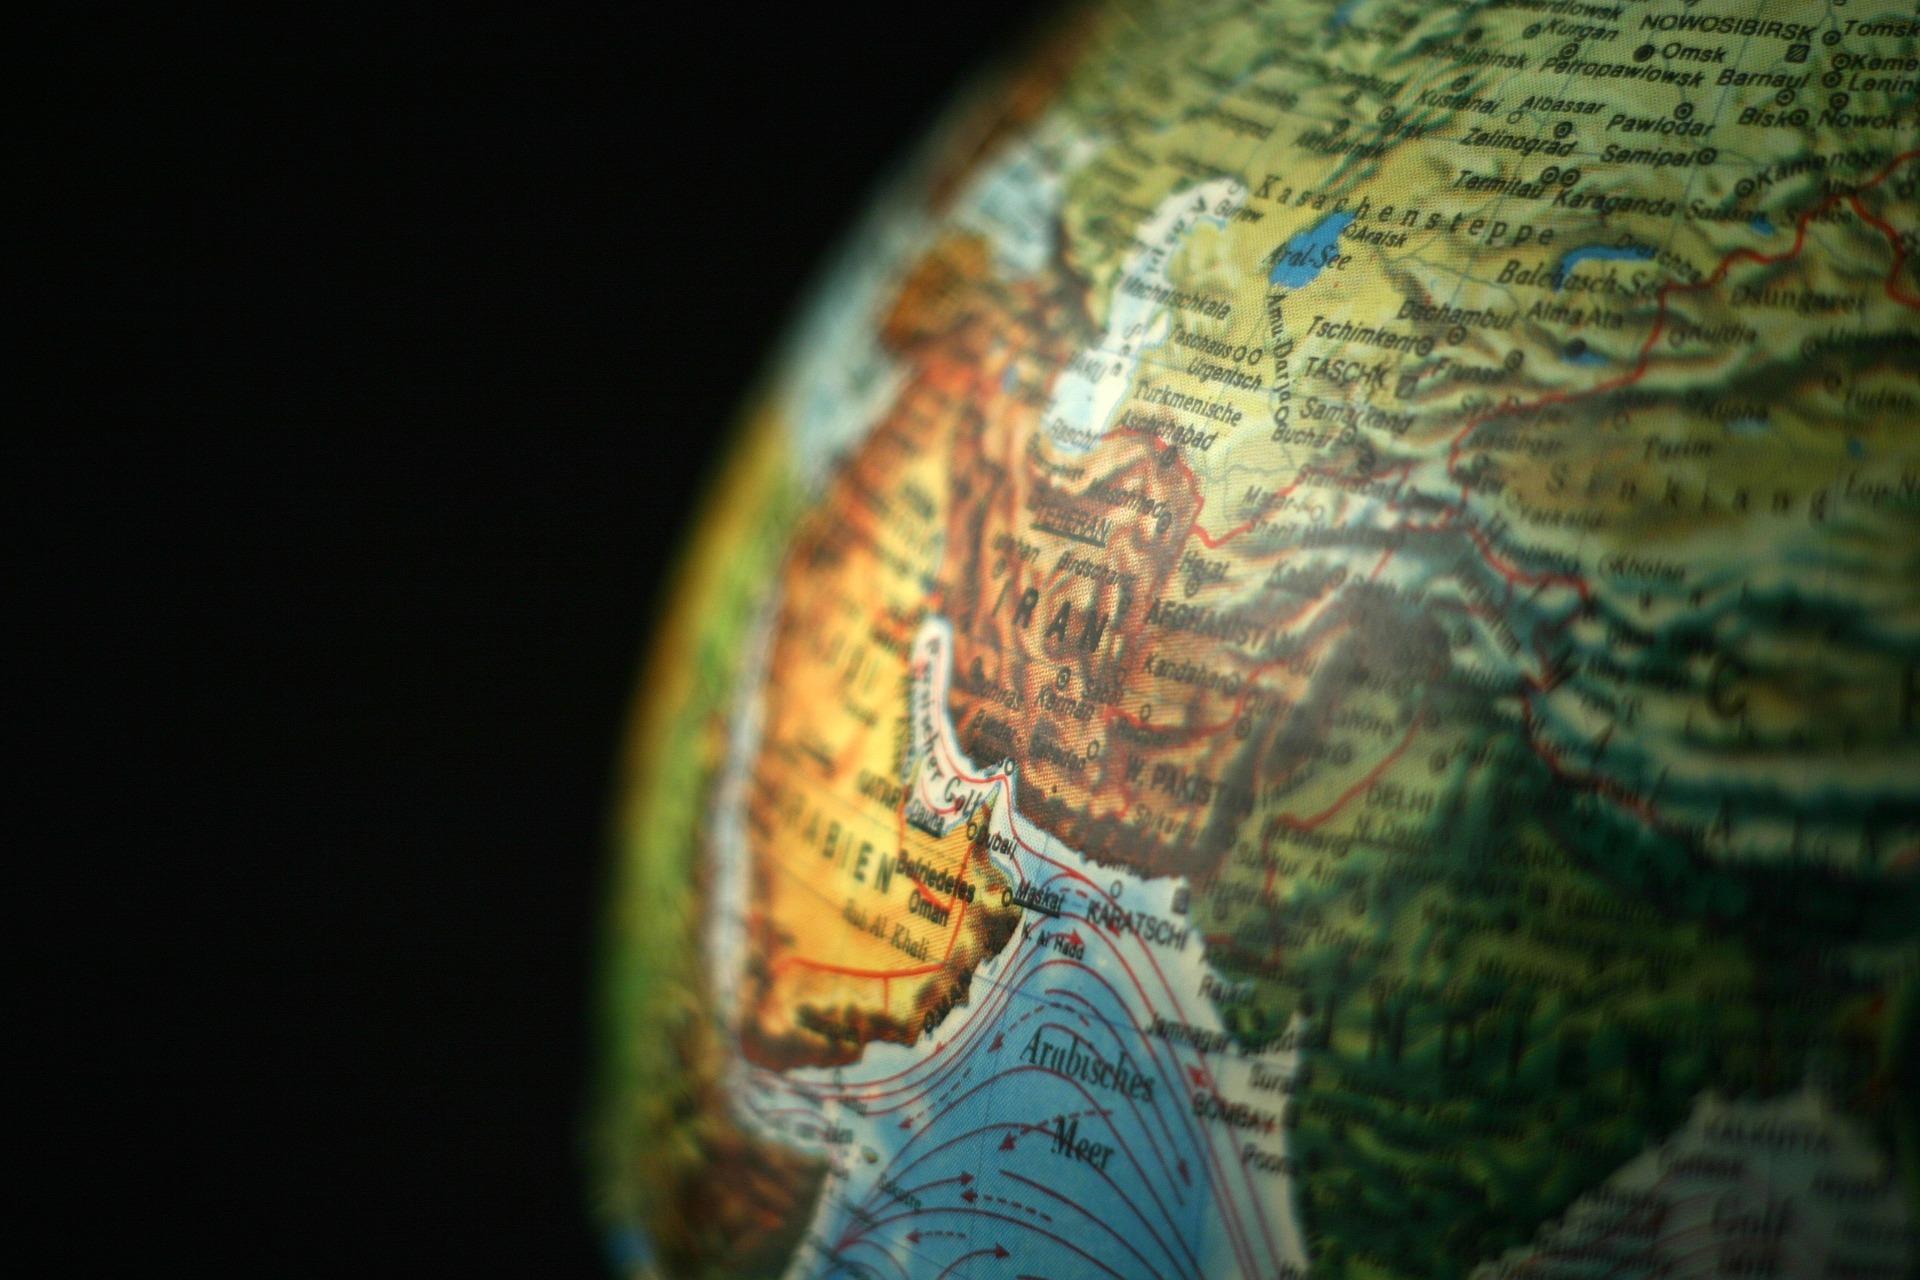 Derrière le cybergroupe MuddyWatter, les manœuvres de l'Iran contre les gouvernements étrangers